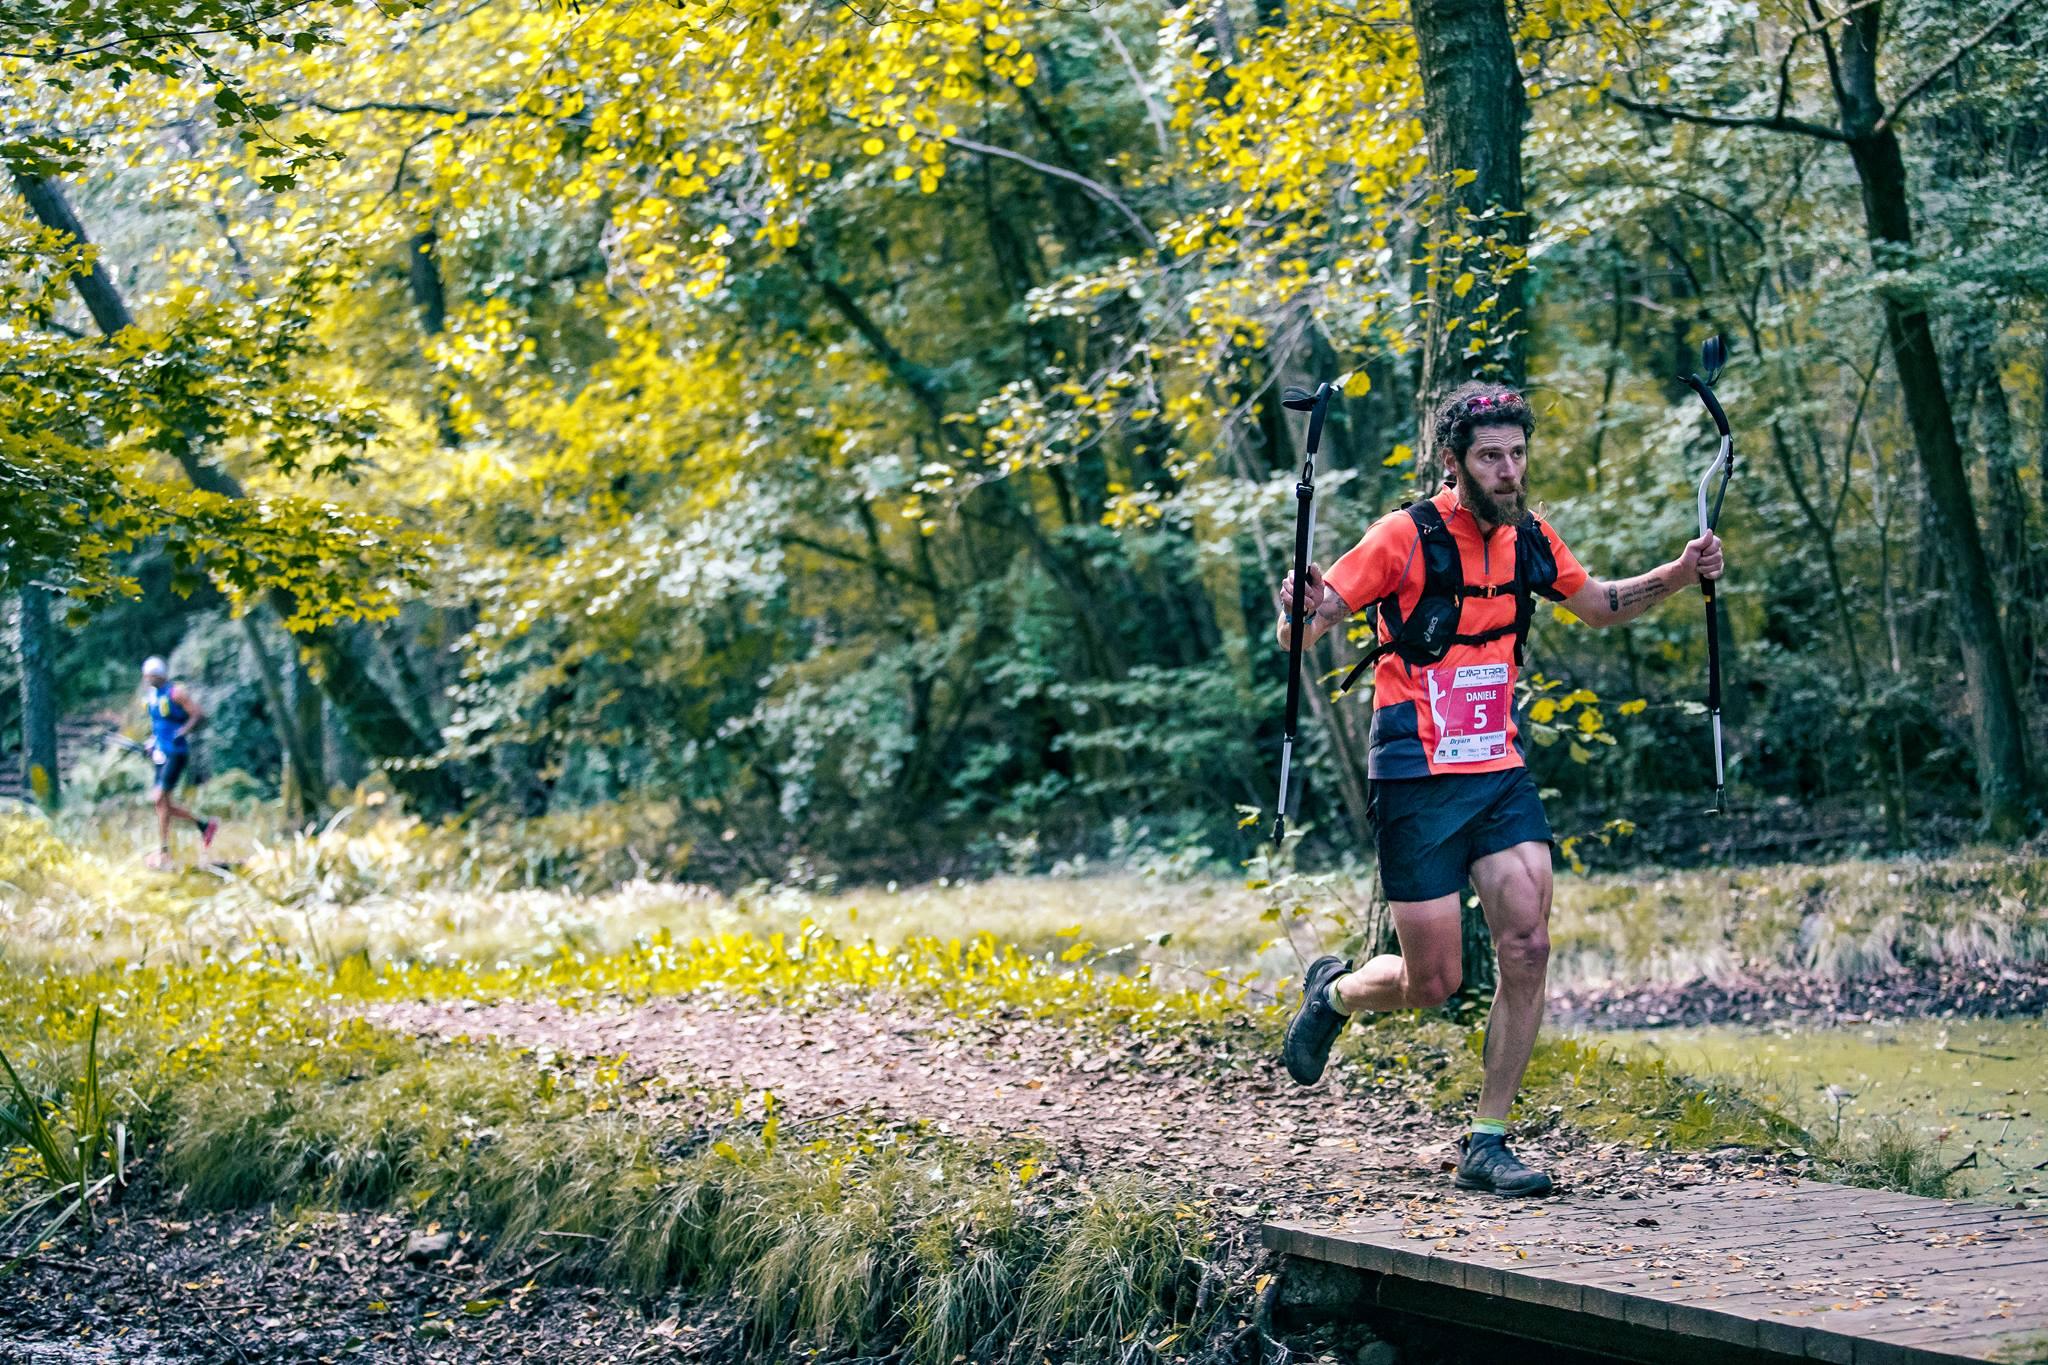 daniele_cesconetto_eroica15-18_vittorio-veneto_maratona_18-marzo-2018